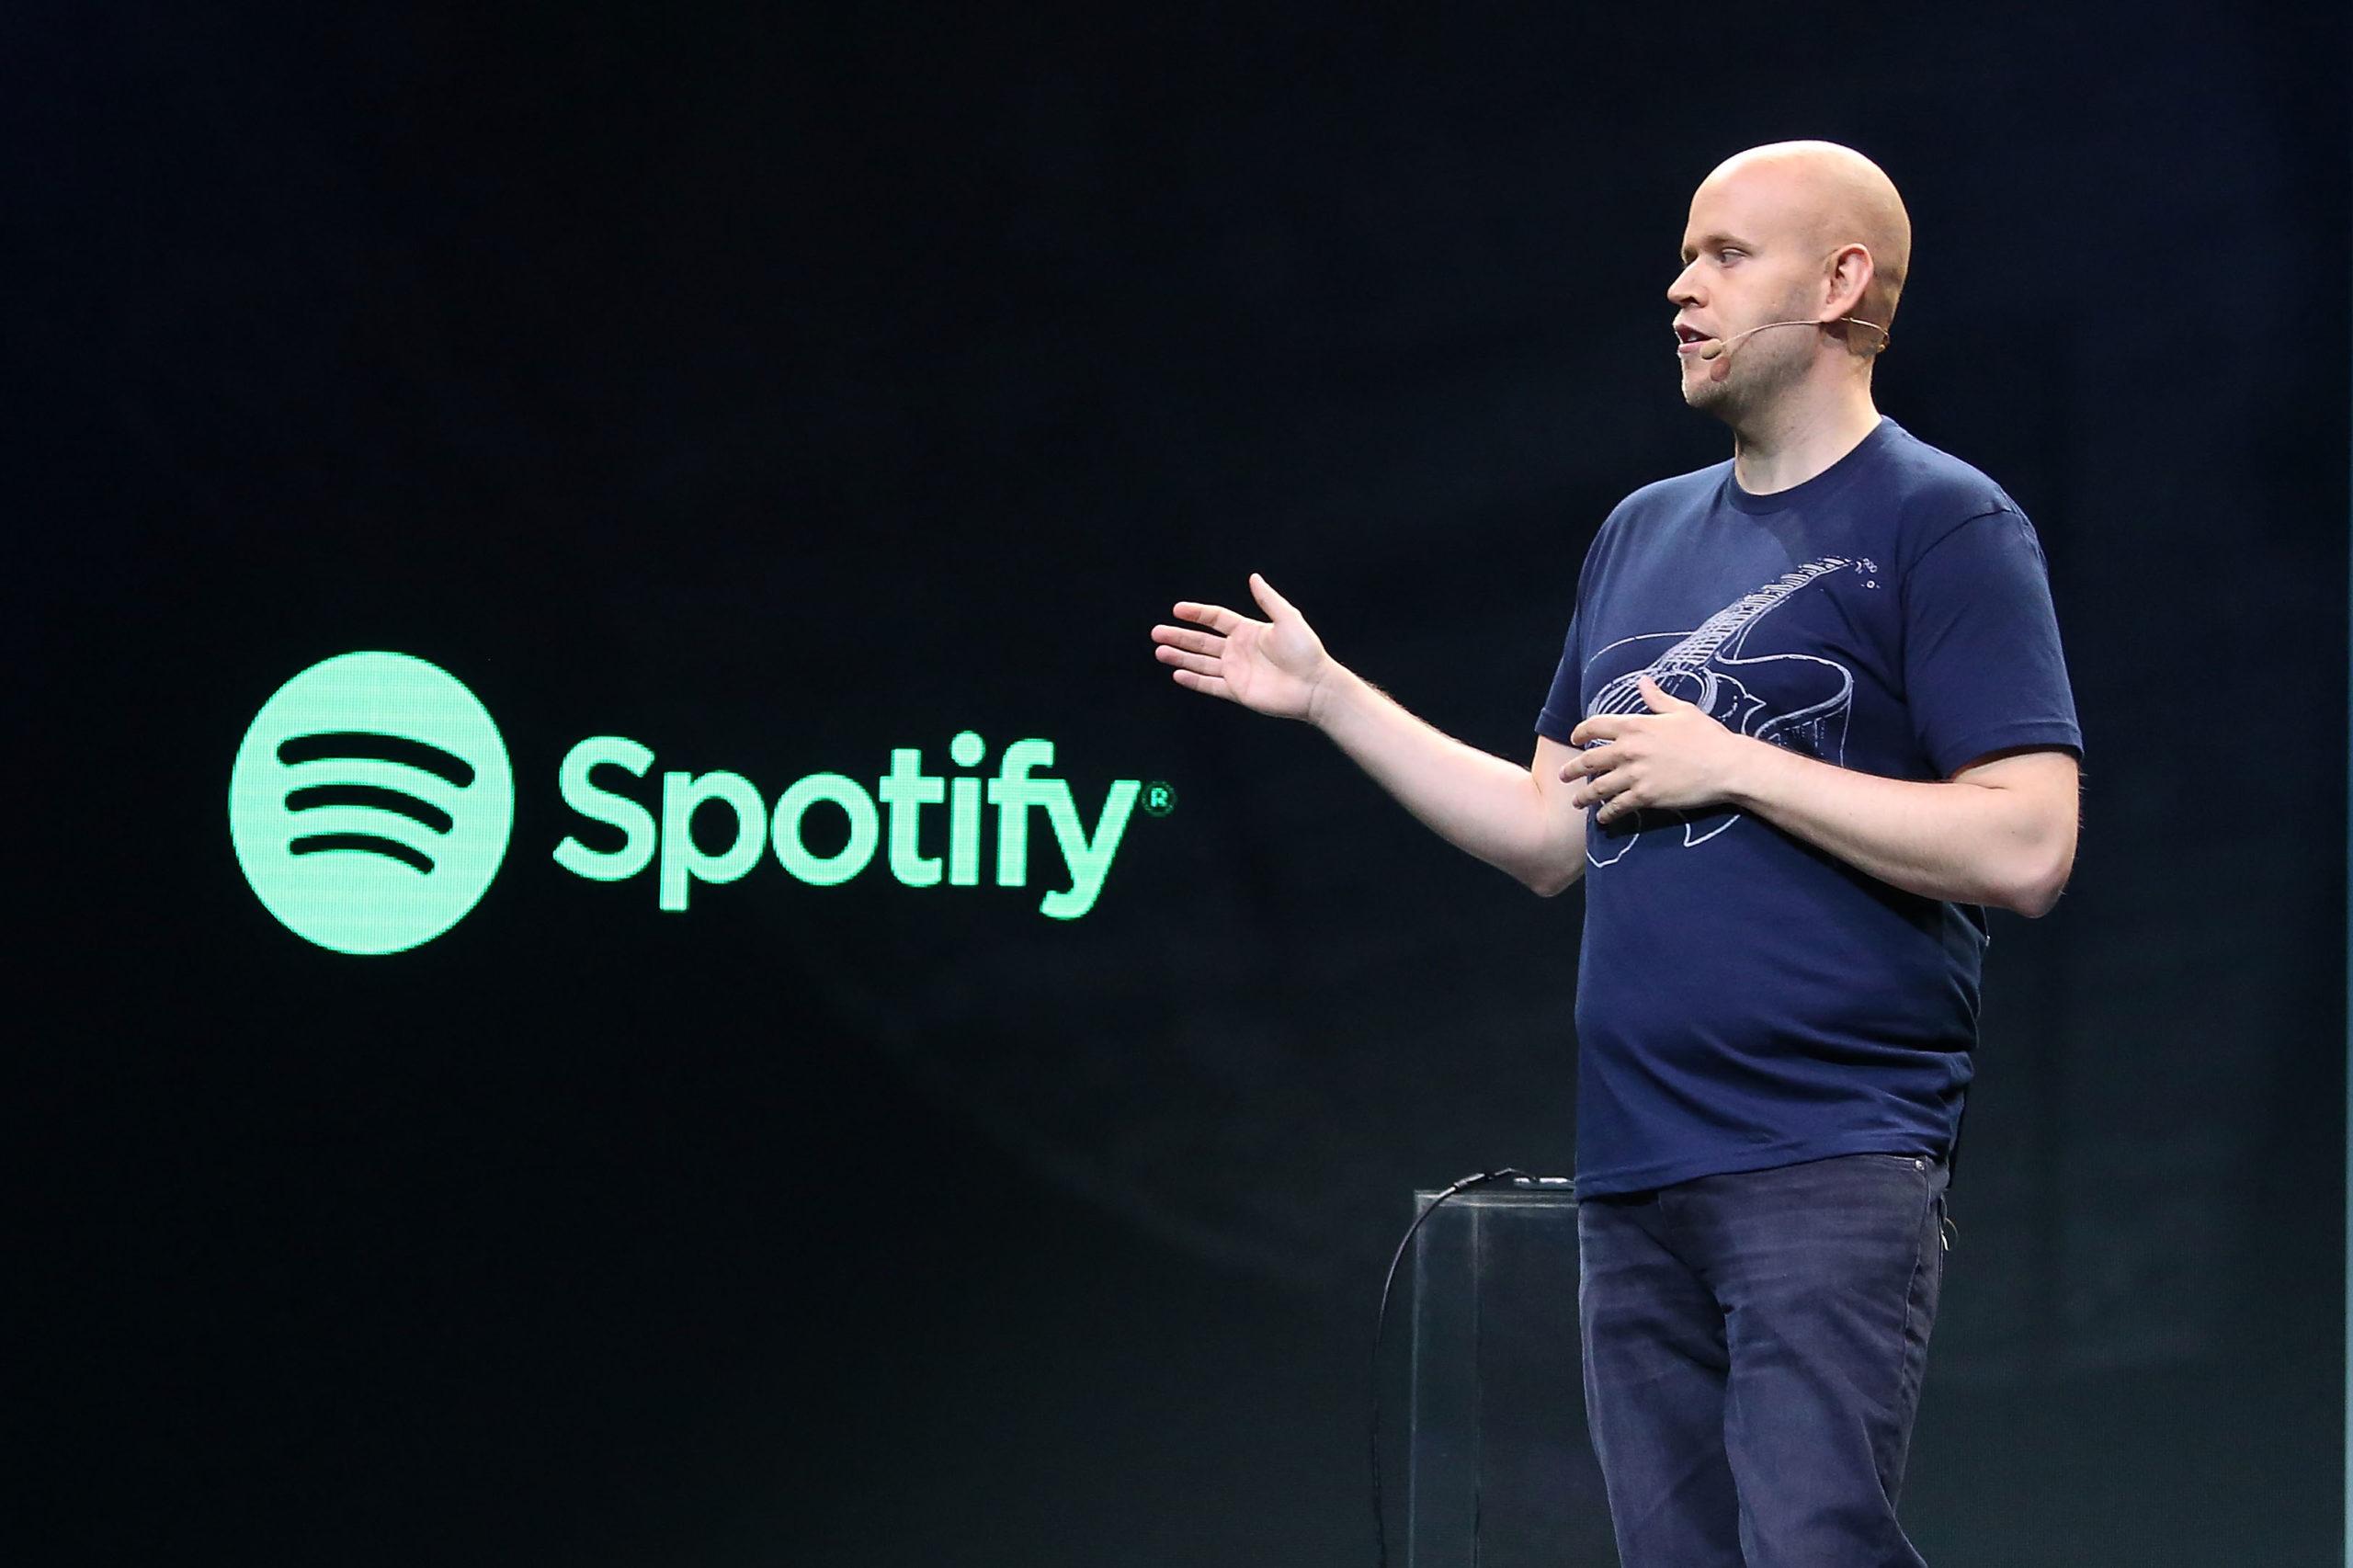 Założyciel Spotify twierdzi, żeartyści zbyt rzadko wydają albumy. Część znich dosadnie mu odpowiedziała